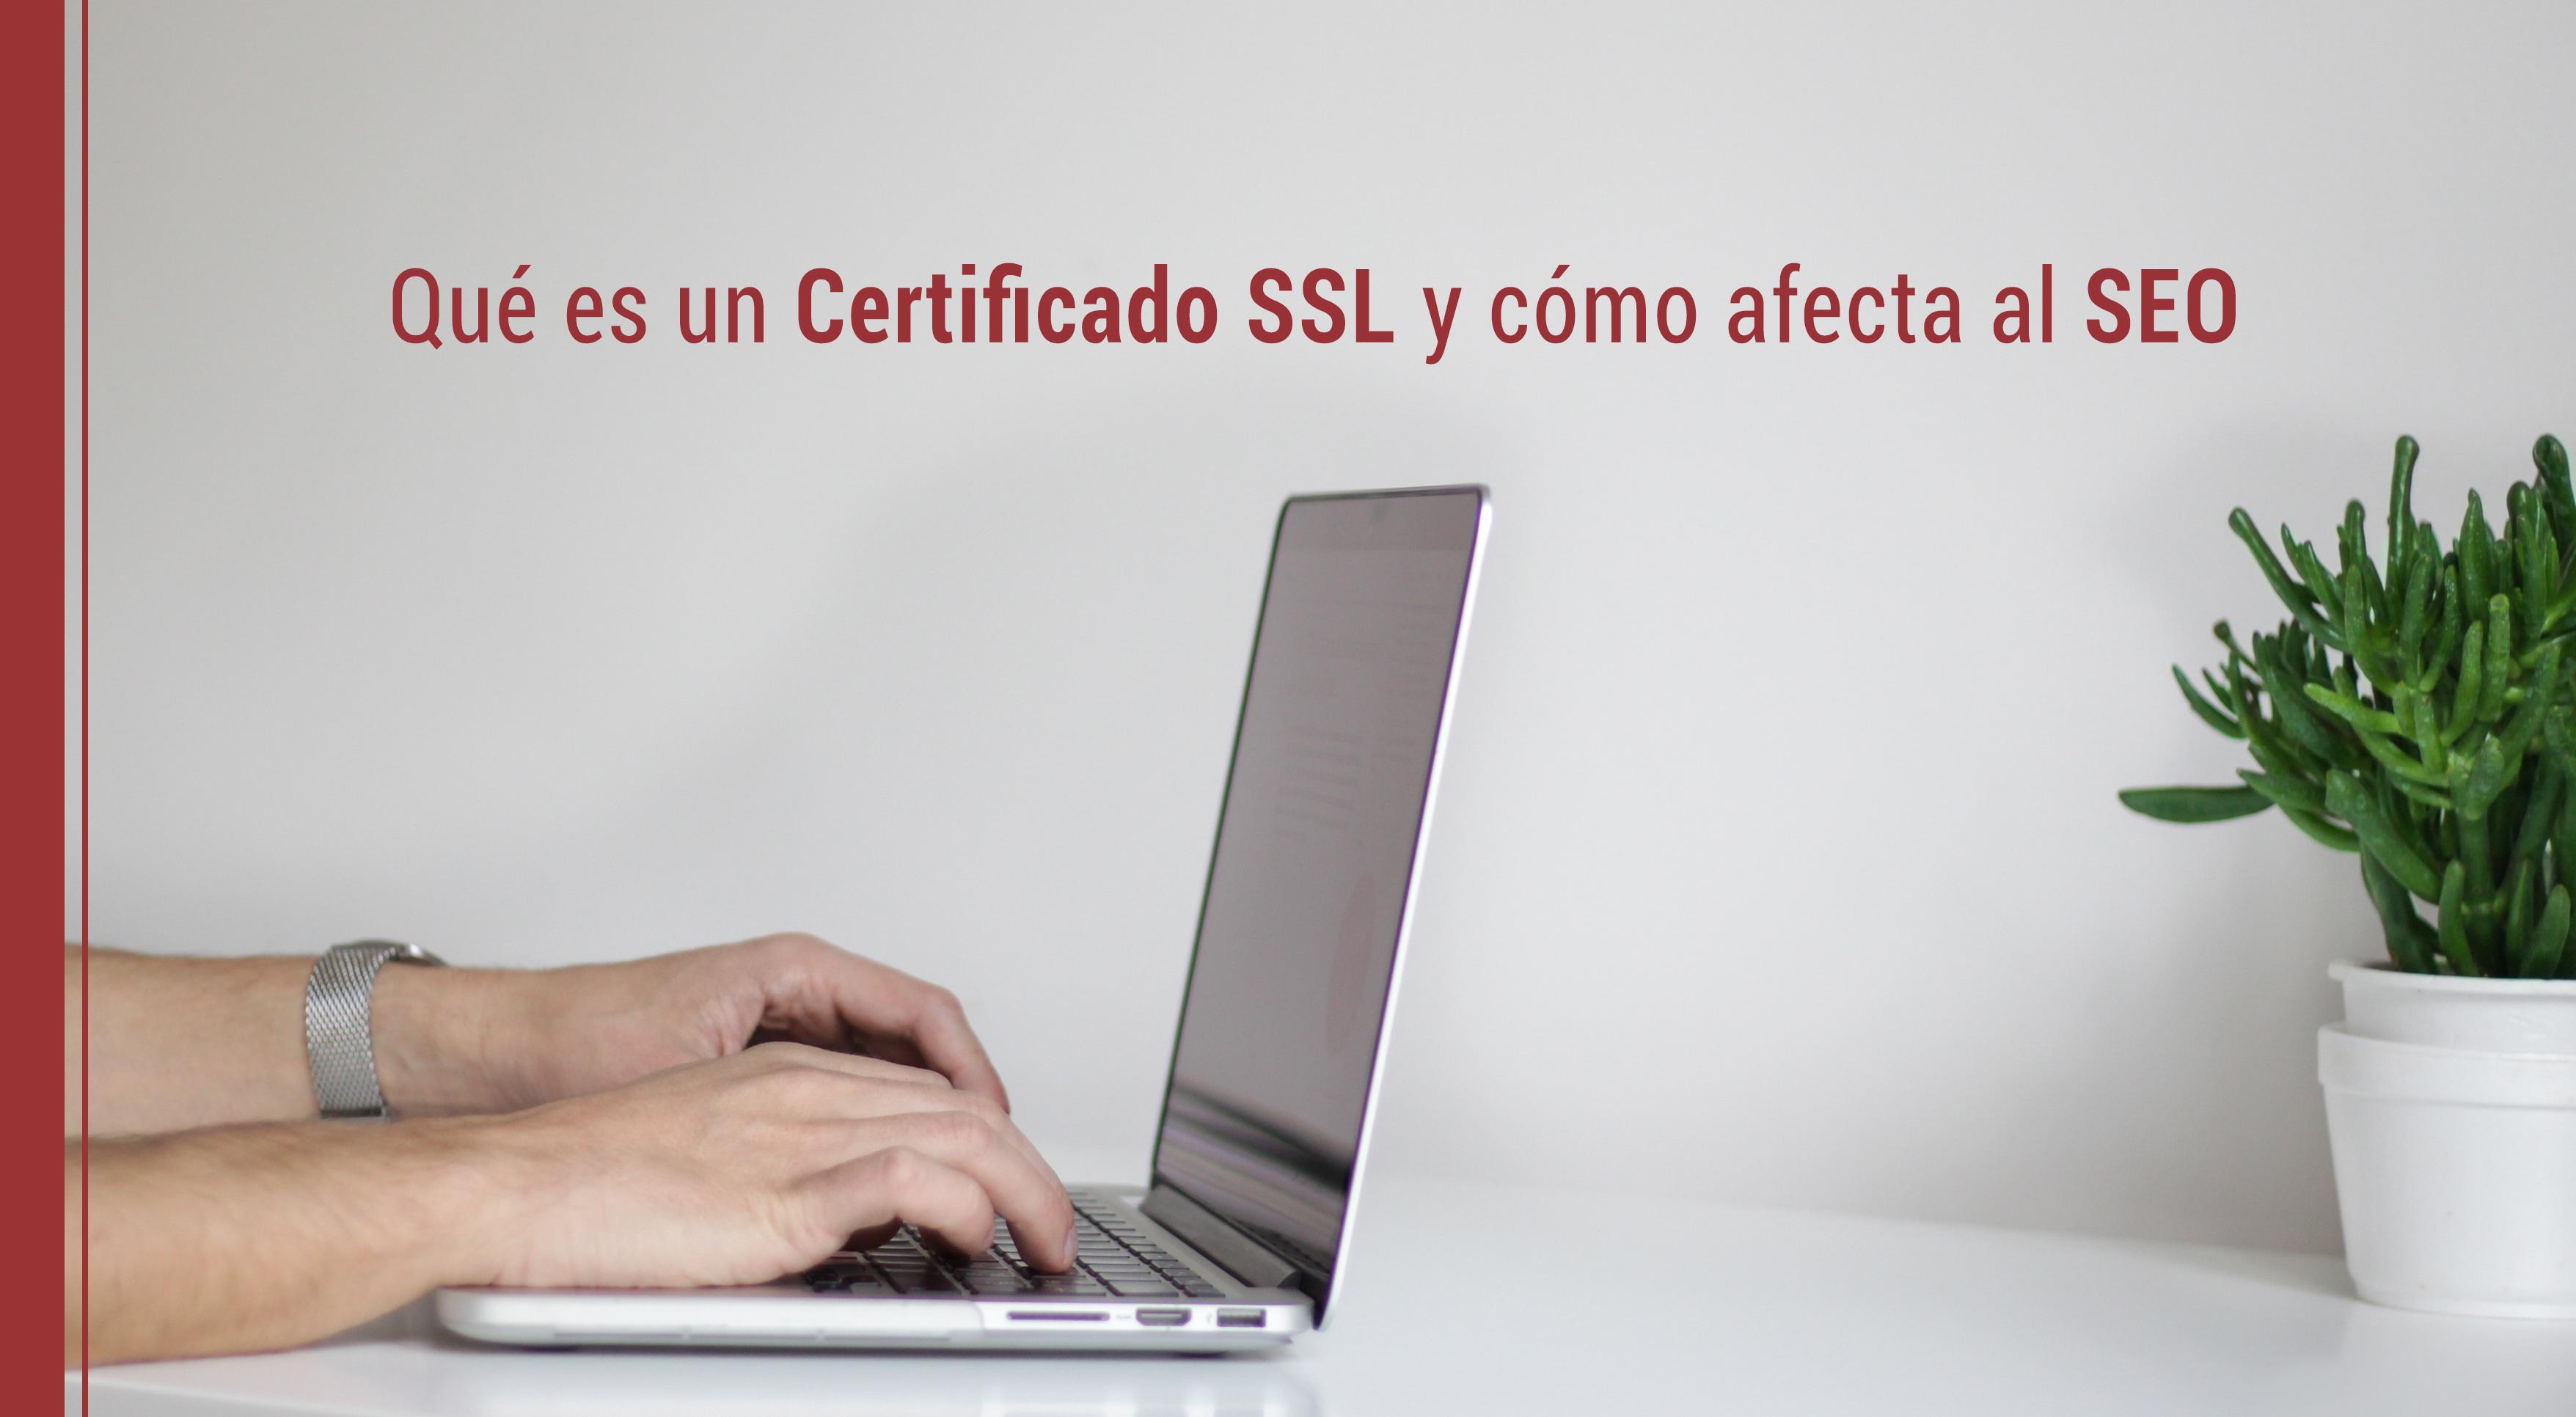 que es el certificado ssl y el seo